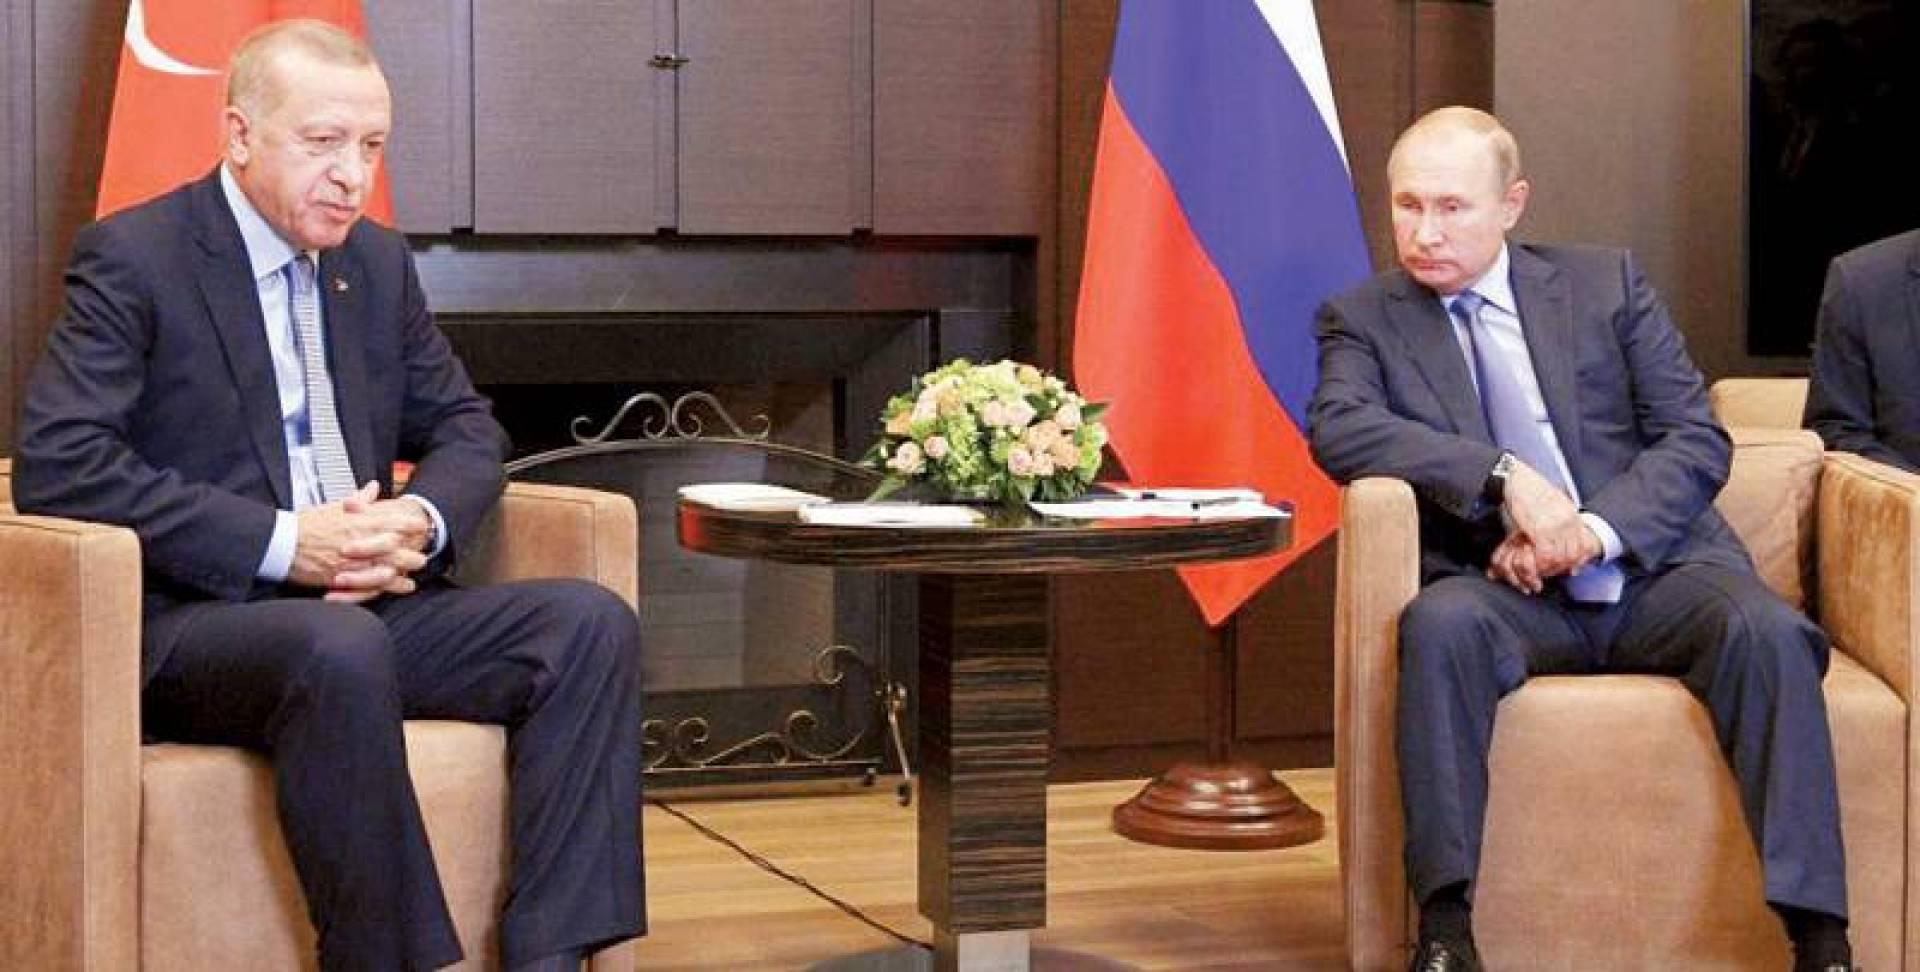 بوتين وأردوغان أمام انتكاسة في العلاقة الدافئة